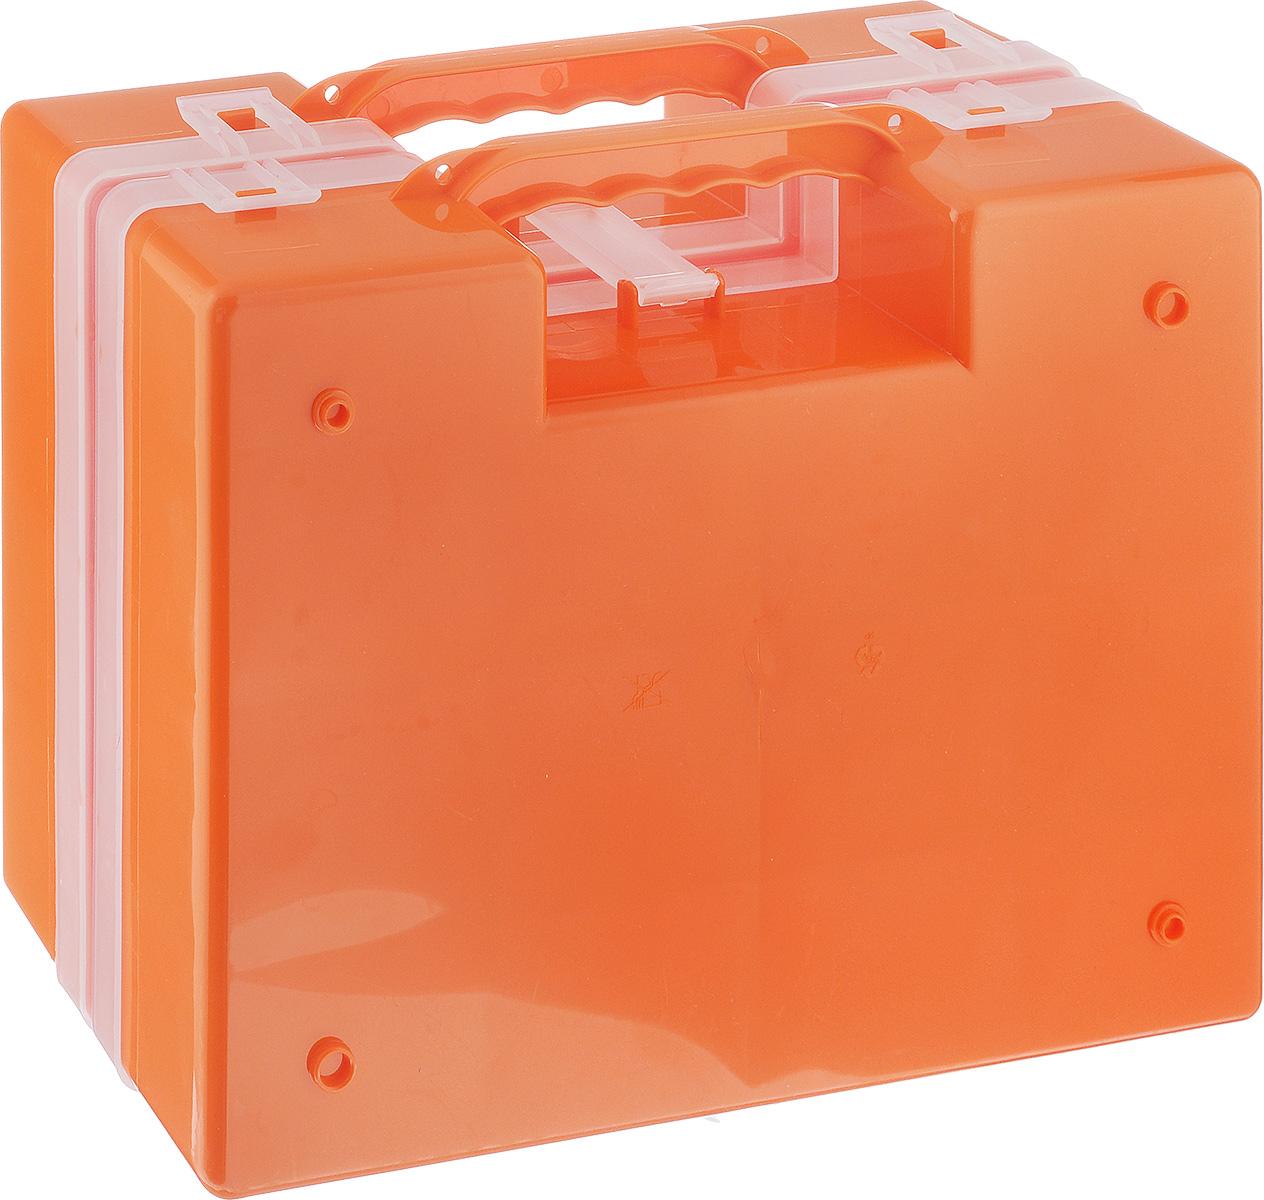 Органайзер Idea, двойной, цвет: оранжевый, 27,2 х 21,7 х 10 см бутербродница idea 15 х 10 5 х 4 см